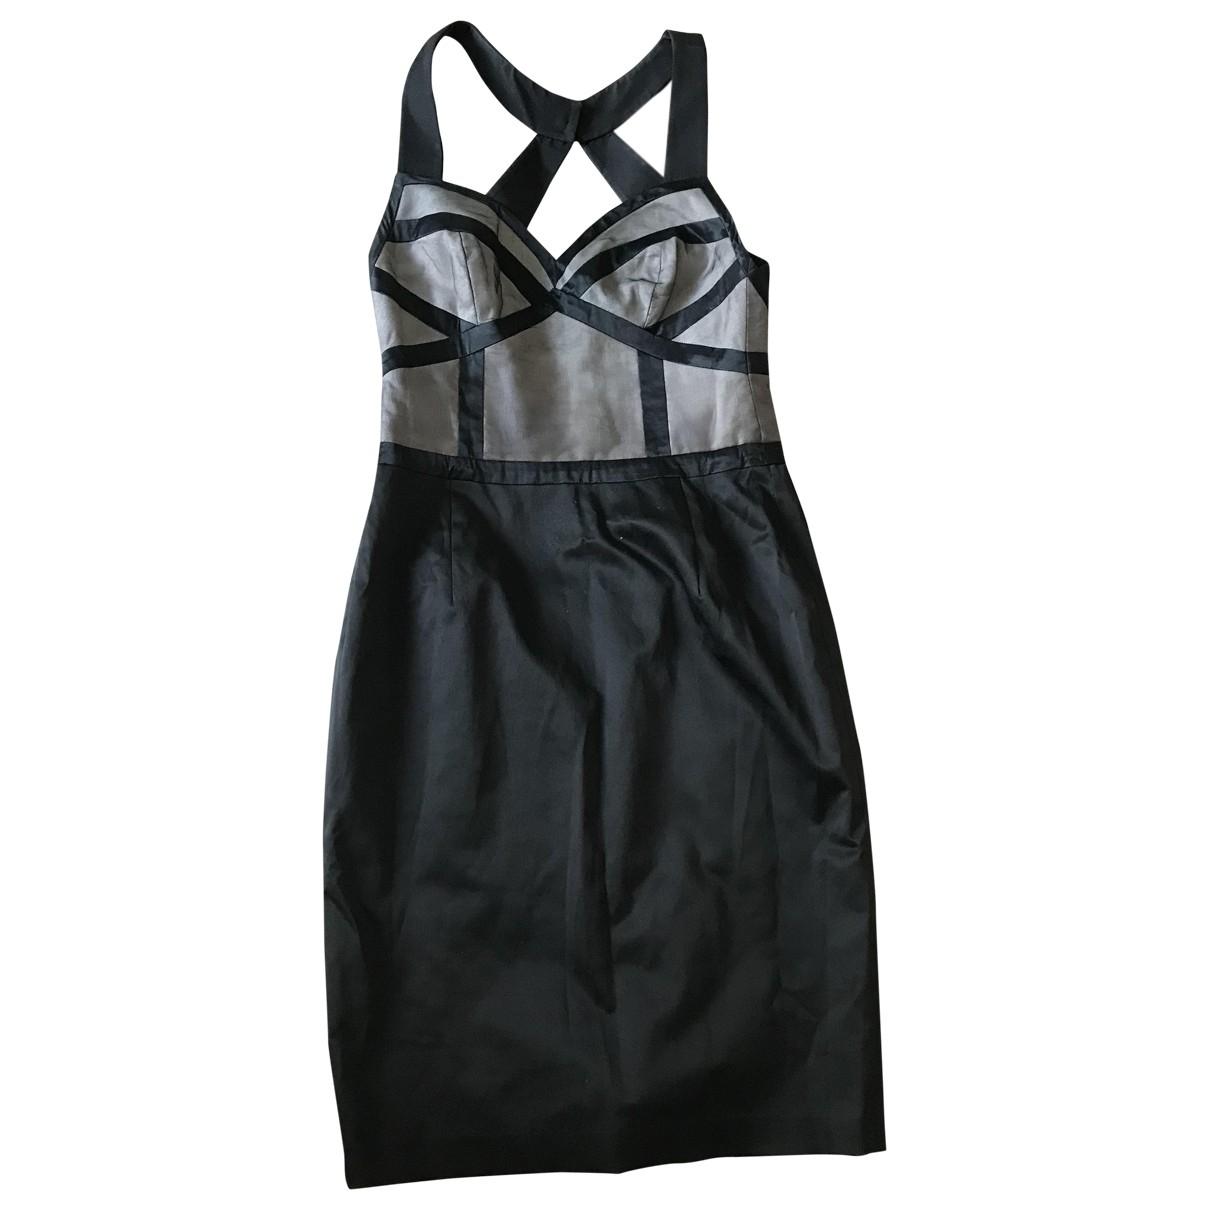 Reiss \N Black Cotton dress for Women 8 UK